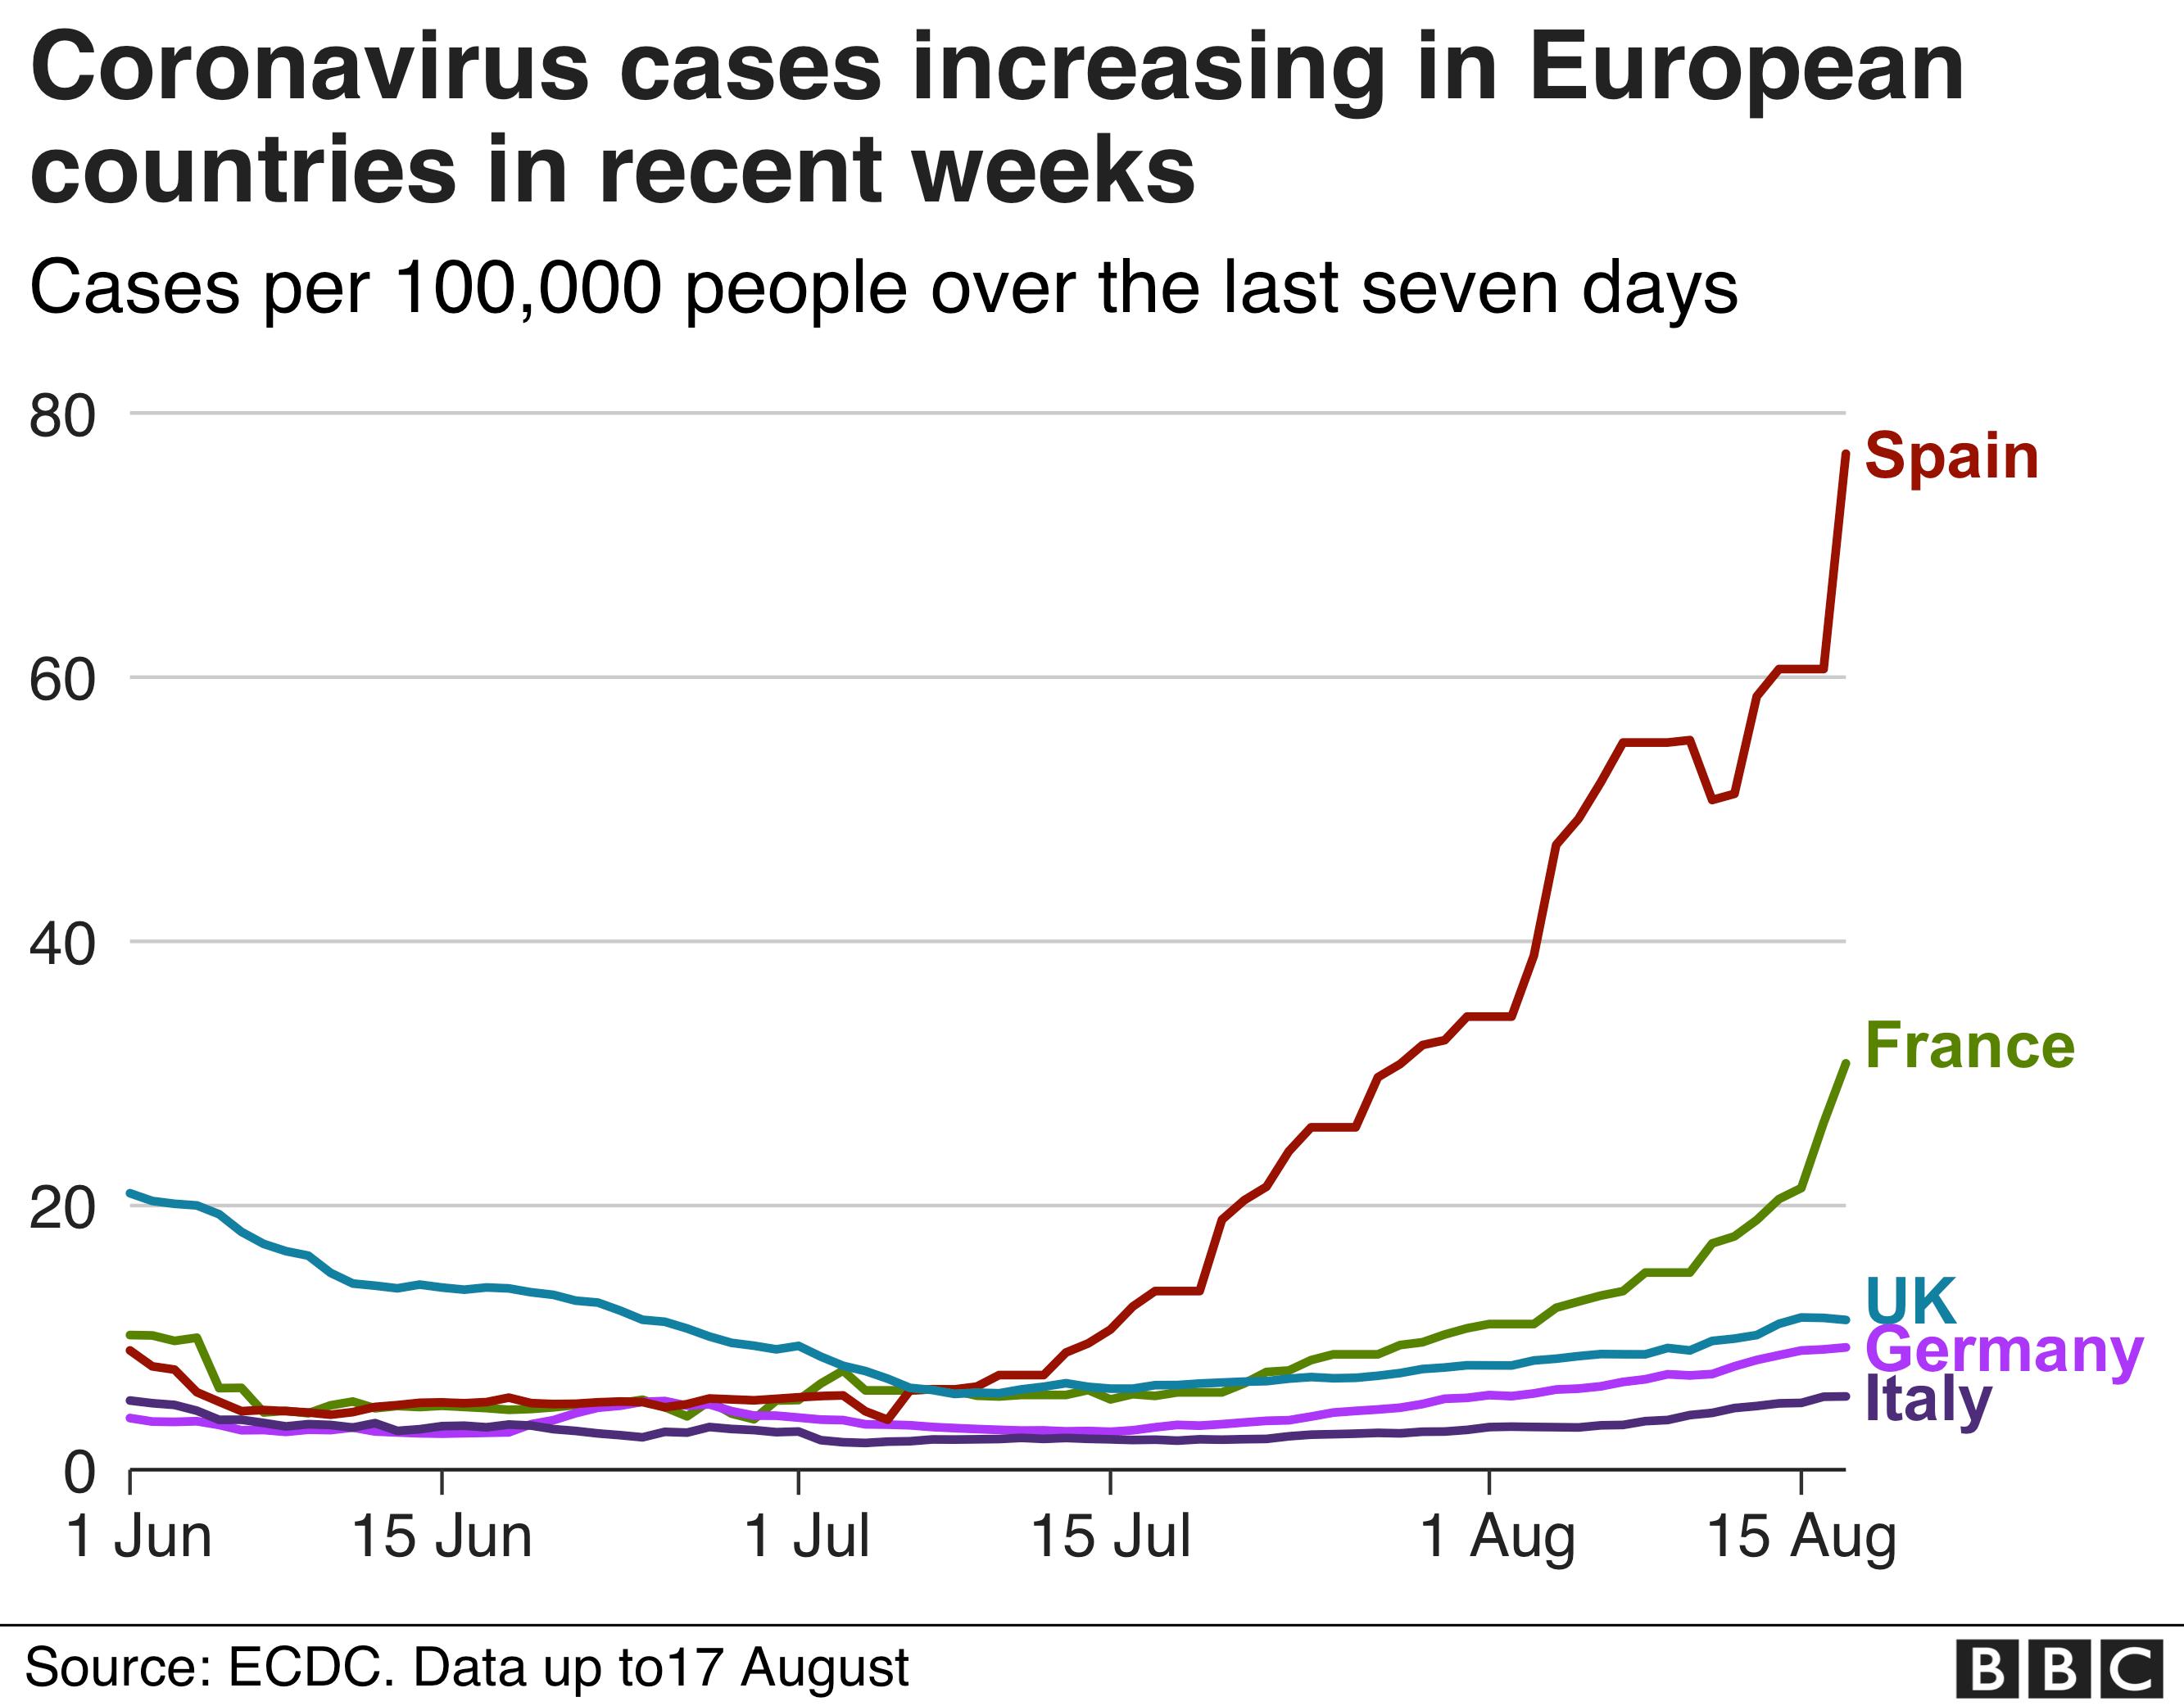 Le graphique montre une forte augmentation des cas en Espagne et en France ces dernières semaines par rapport au Royaume-Uni, en Allemagne et en Italie